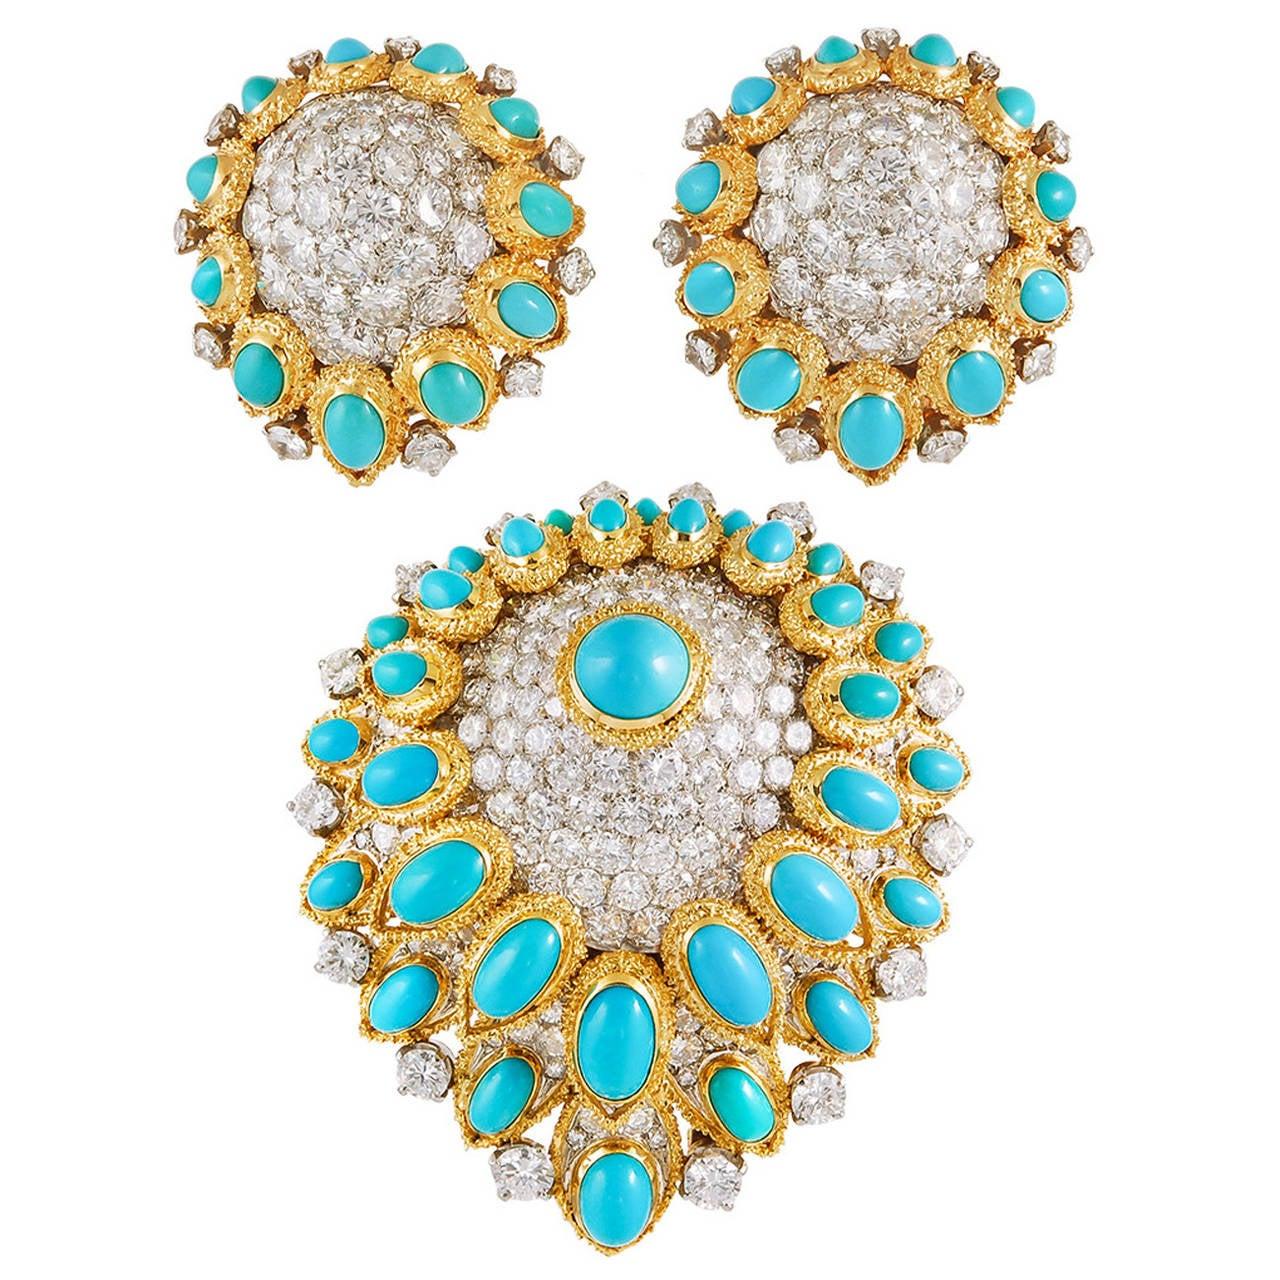 Van Cleef & Arpels Cabochon Turquoise Diamond Gold Demi-Parure